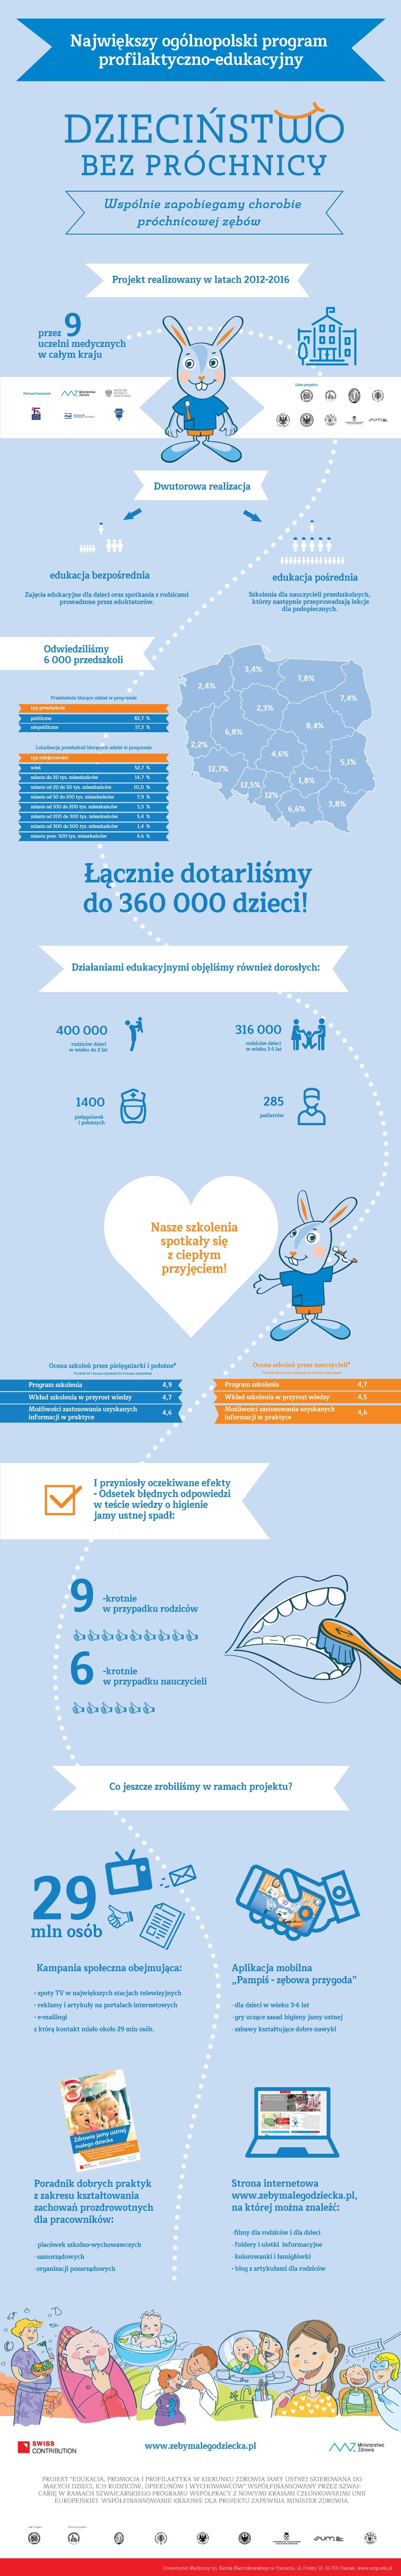 Infografika podsumowująca Dzieciństwo bez próchnicy